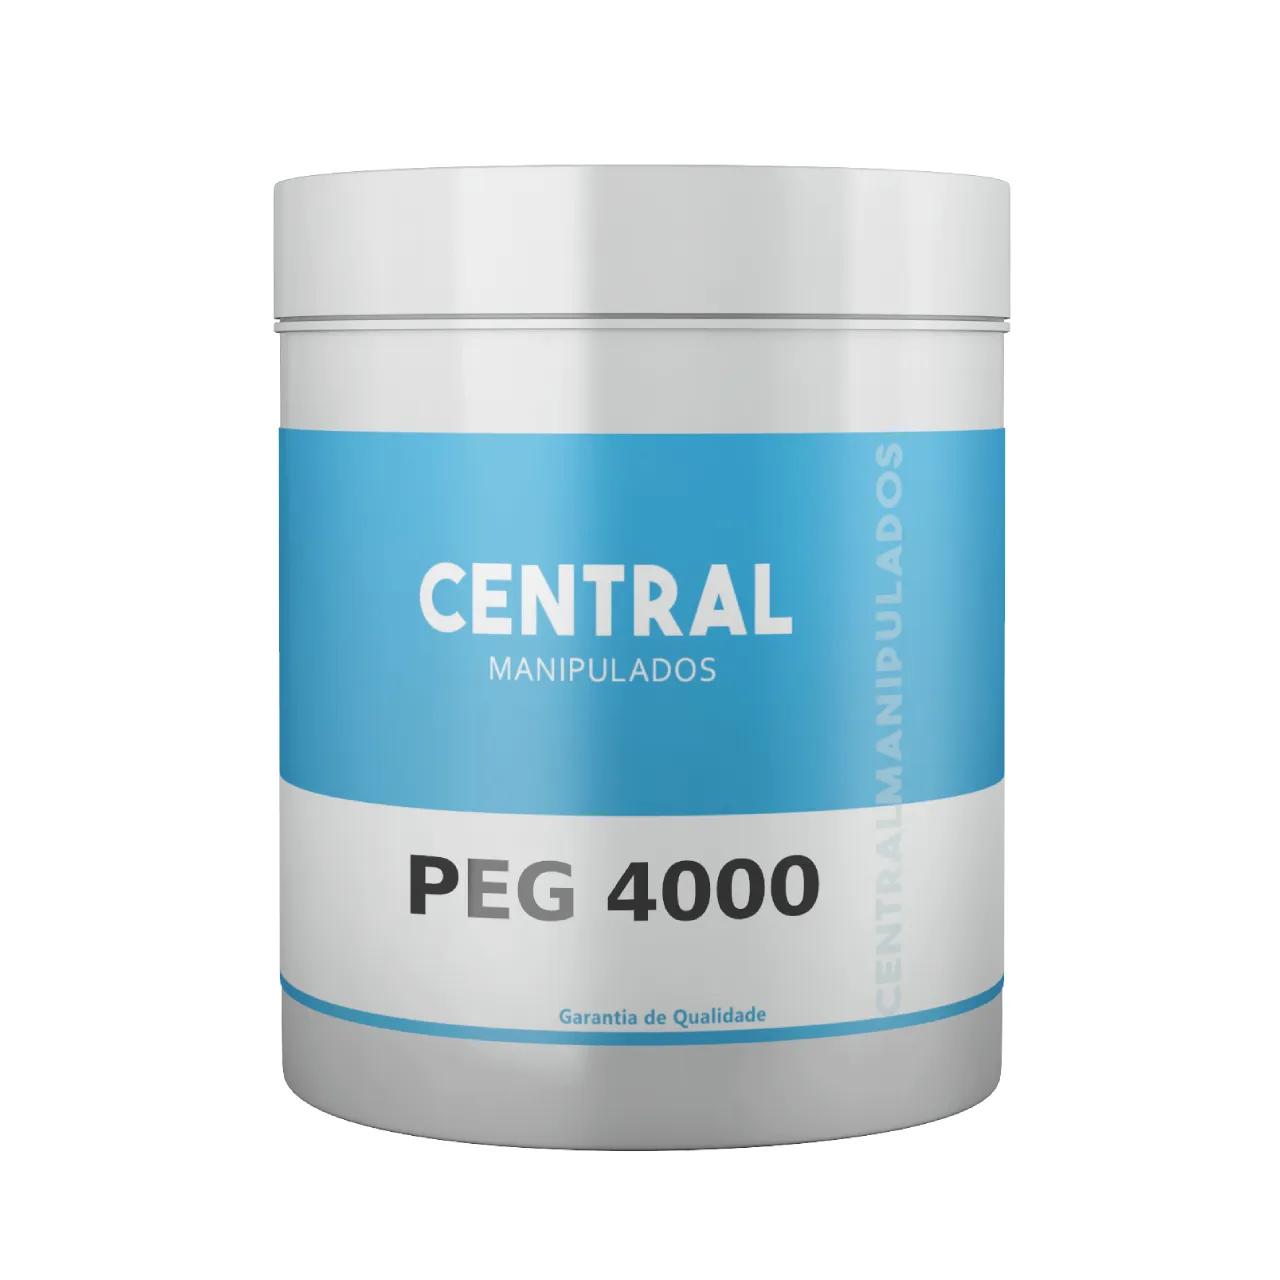 PEG 4000 - 450g - 90 Doses - Em pó - SAÚDE INTESTINAL, FACILITA A EVACUAÇÃO